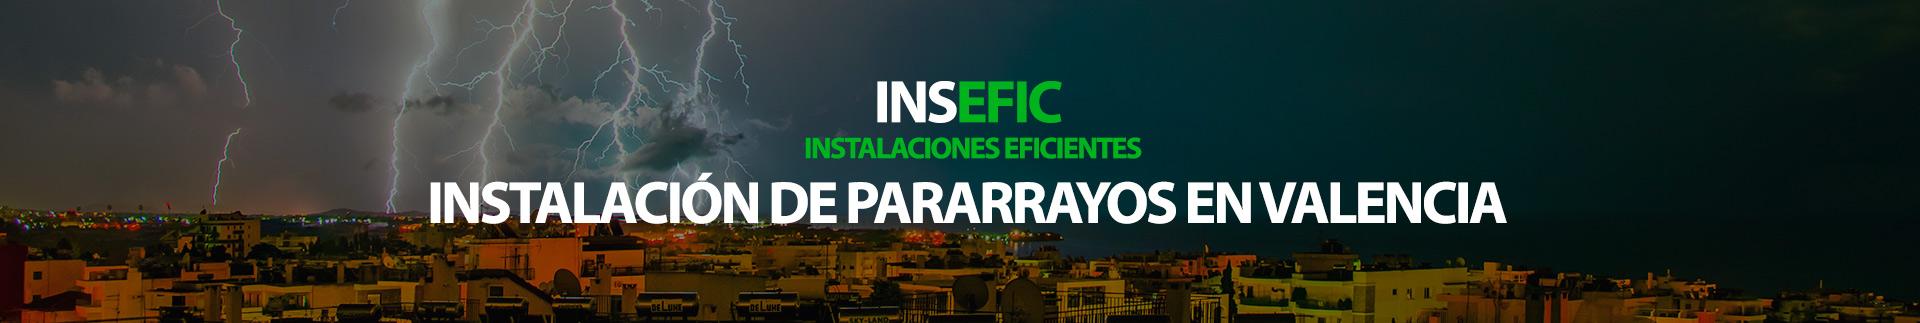 Instalación de pararrayos en Valencia